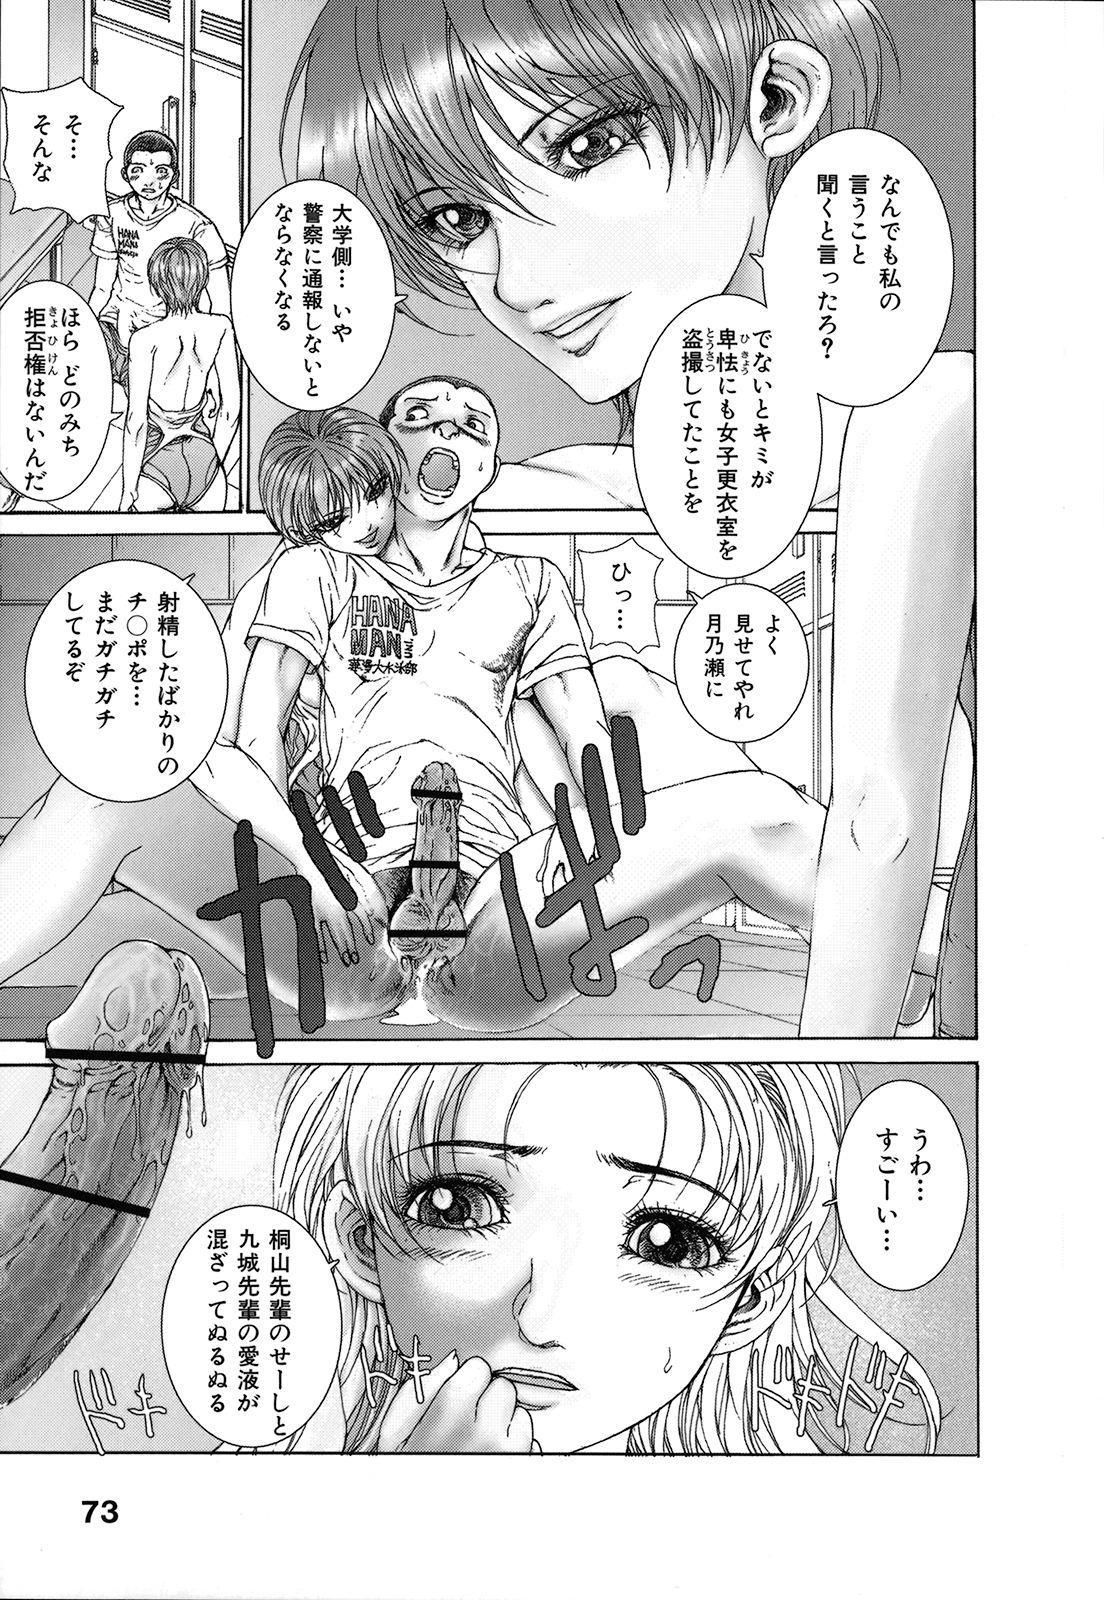 Kou Musume 76